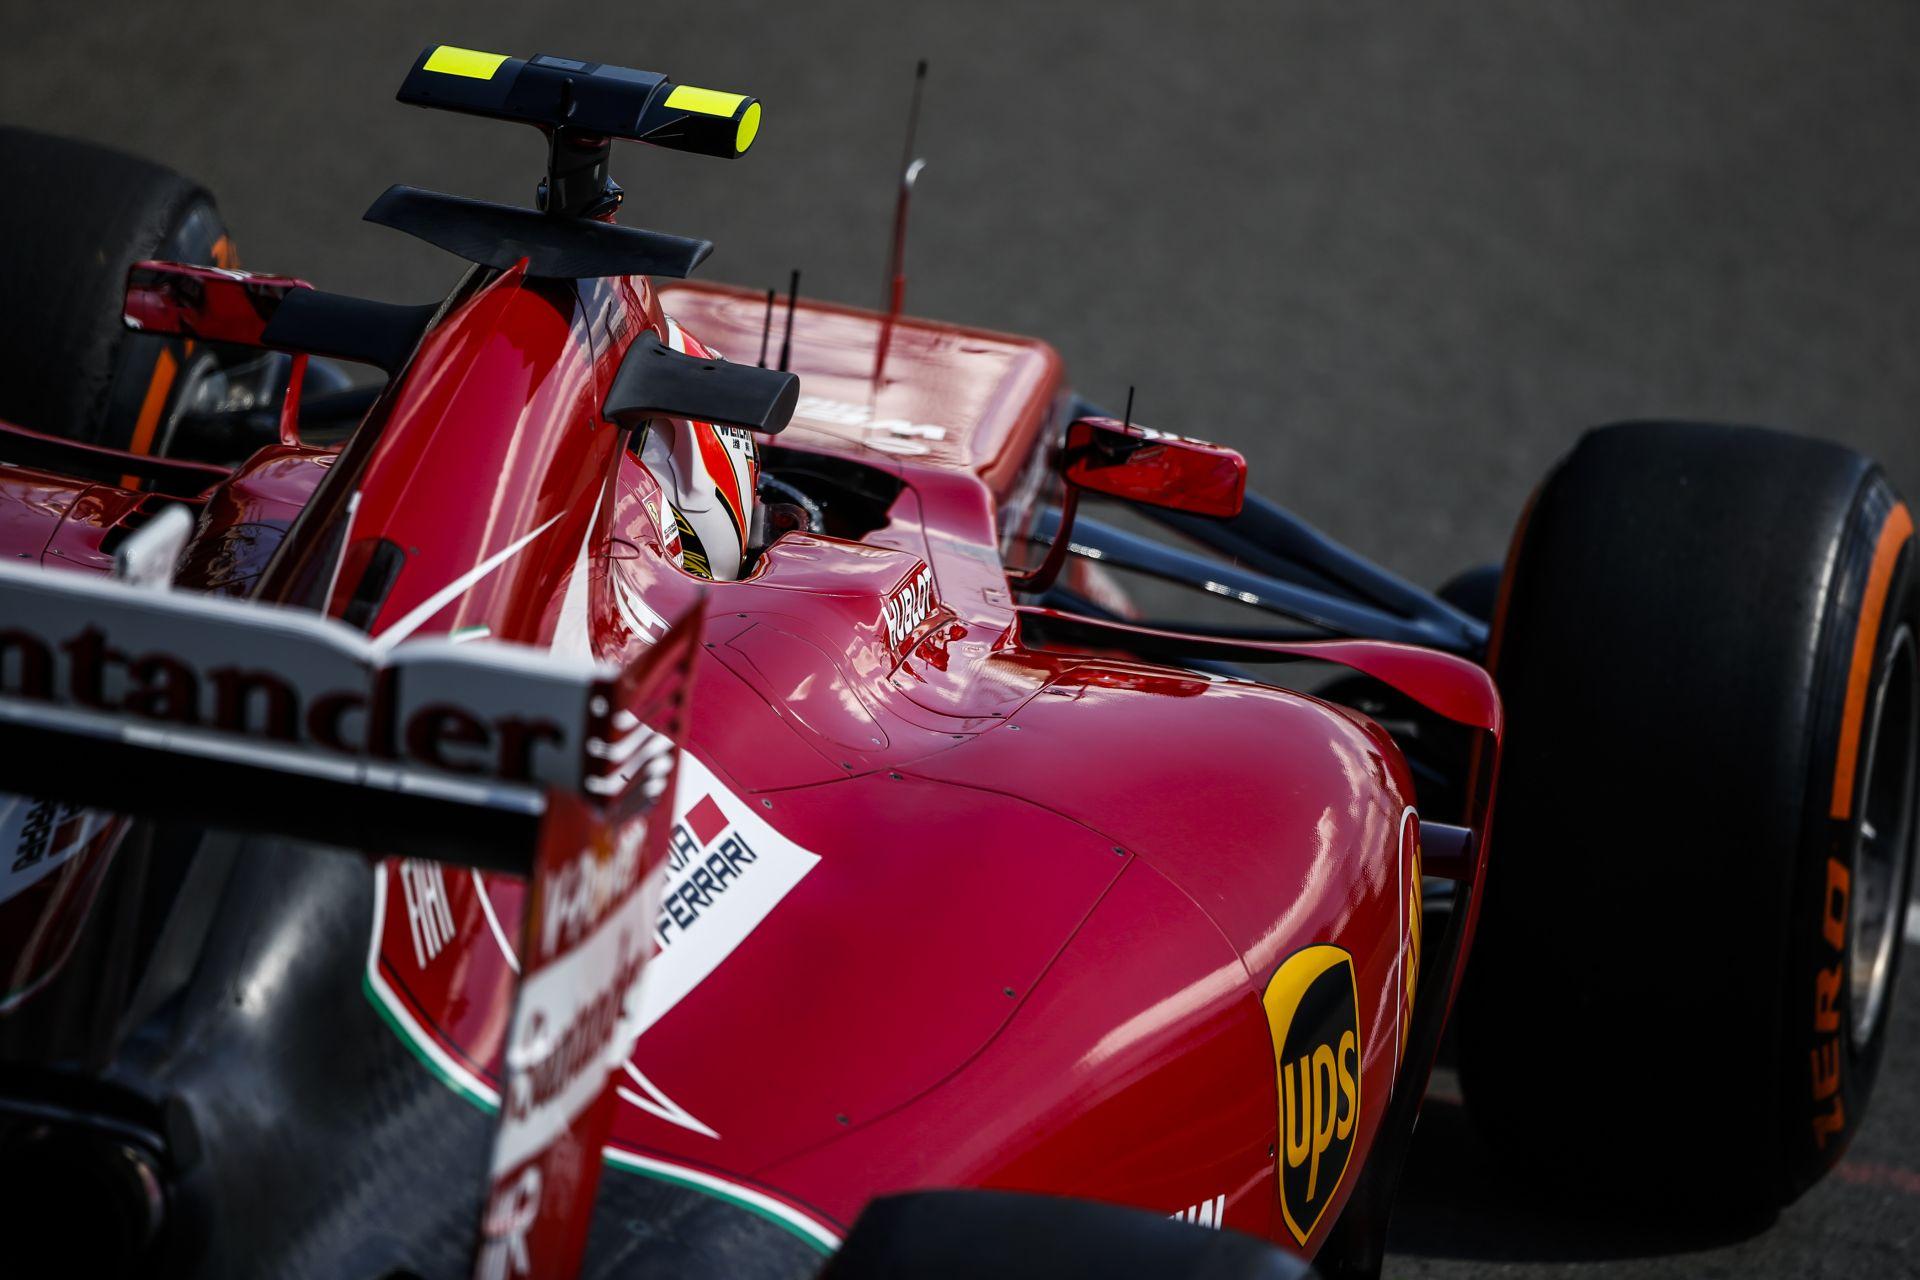 """Egyversenyes eltiltást érdemelne a """"mániákus és katasztrofális hibát elkövető"""" Raikkönen a balesete miatt? Az FIA szerint nem!"""